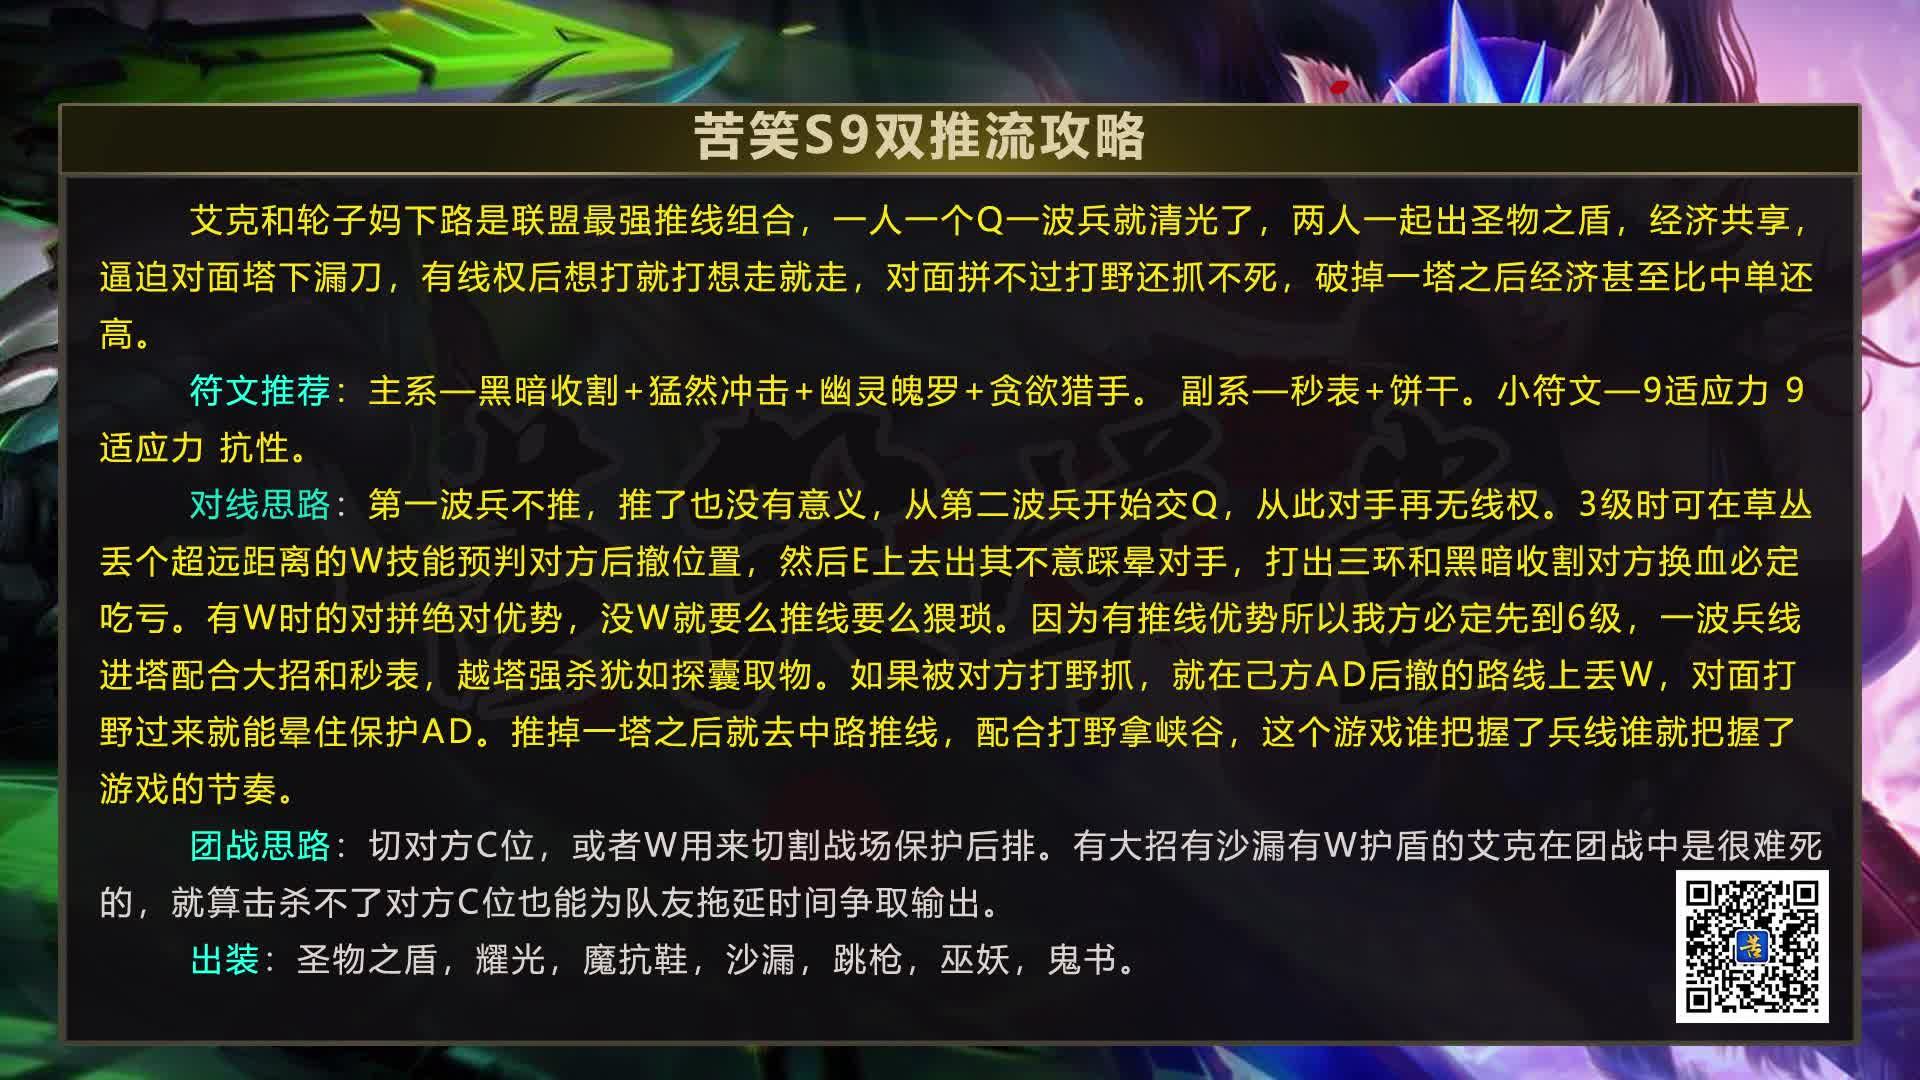 苦笑学堂:艾克轮子双推流 下路通关黑科技